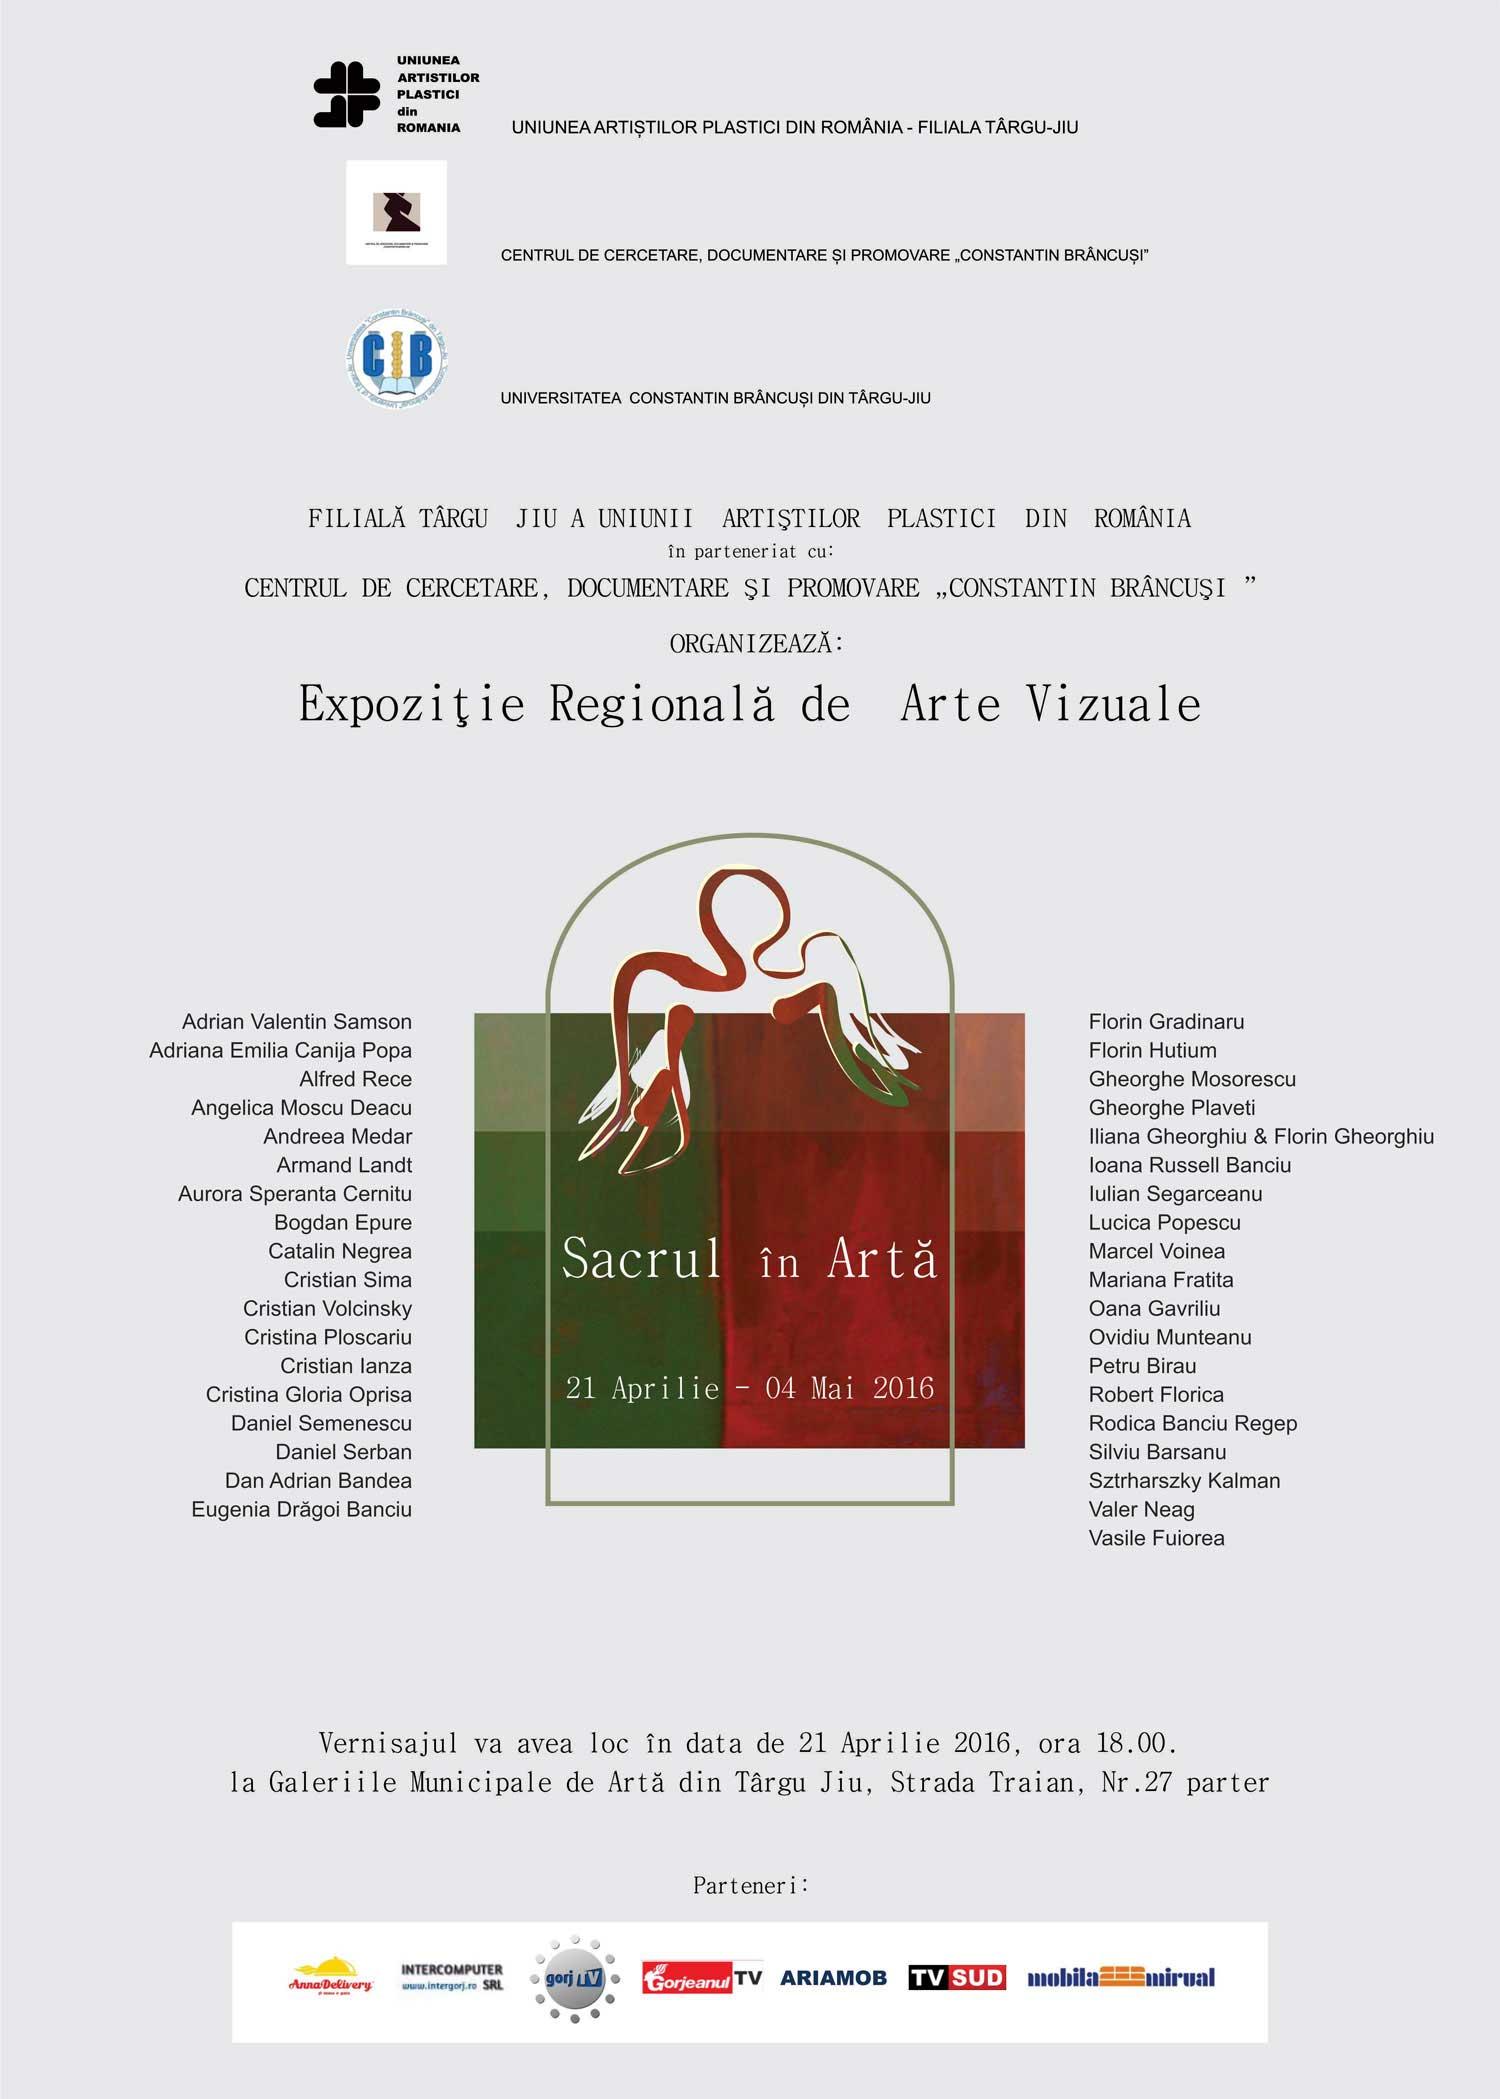 """Expoziție-Regională-de-Arte-Vizuale-""""Sacrul-în-Artă""""-@-Galeriile-Municipale-de-Artă-din-Târgu-Jiu"""